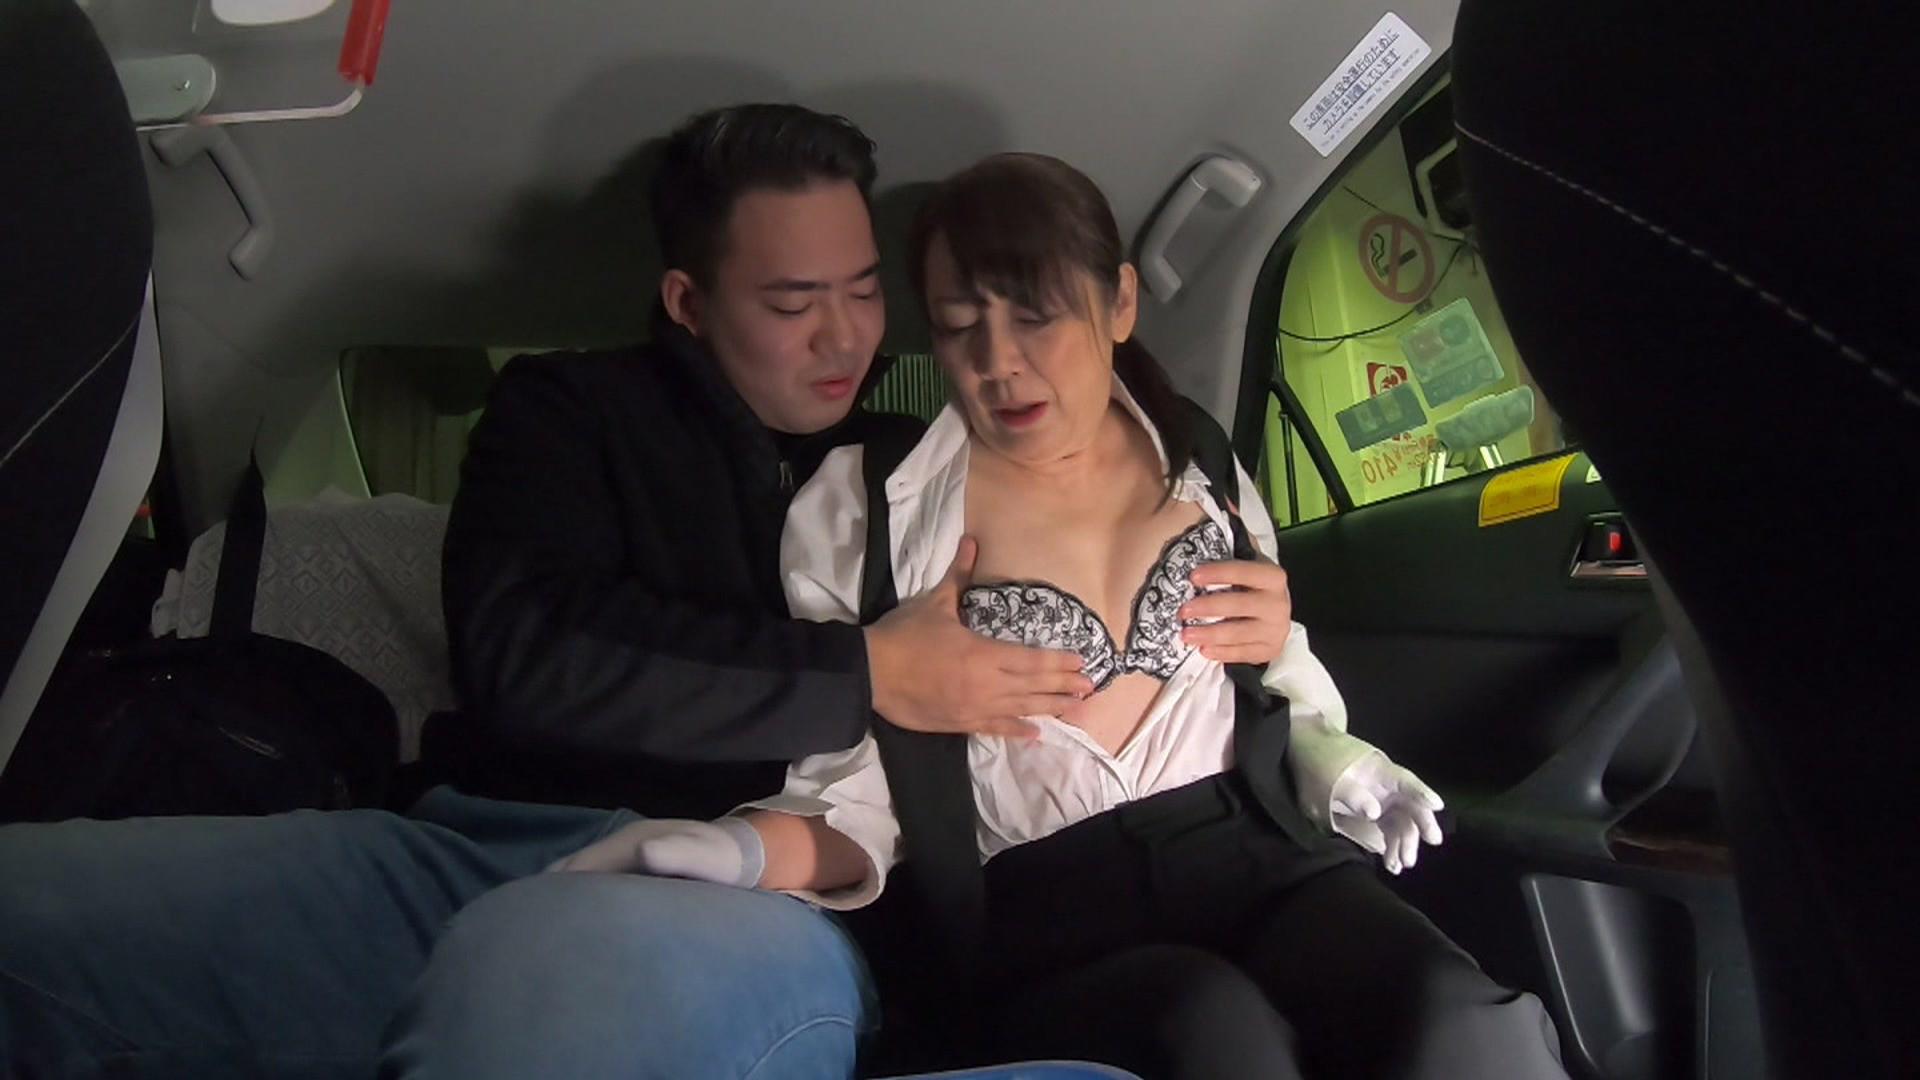 初乗り料金でヤラせてくれる五十路美熟女タクシードライバーが存在した!「お客さんに迫られたら断れないんです・・・」